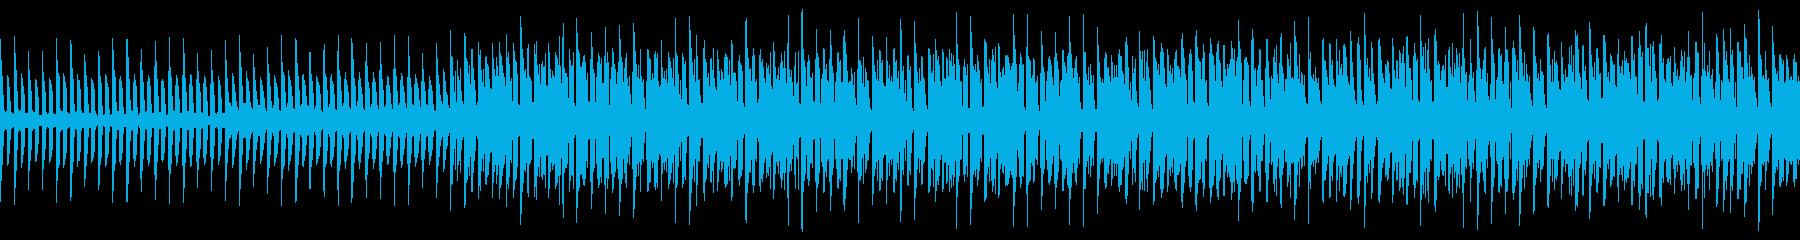 琴 切ない 和風4つ打ちBGM ループの再生済みの波形